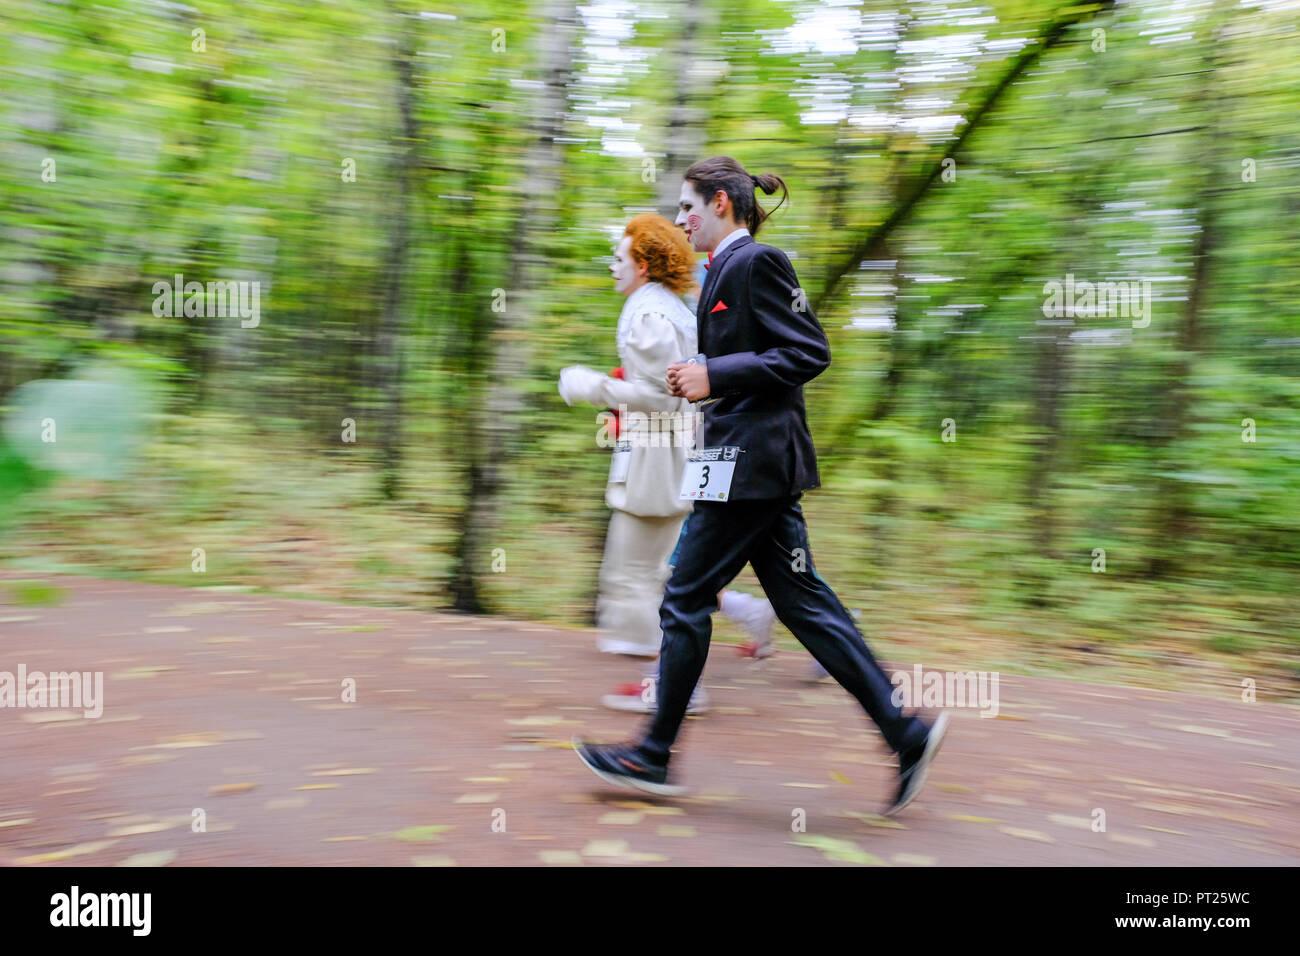 Moskau, Russland. Vom 6. Oktober 2018. Superhelden Rennen war in Sokolniki Park in Moskau statt. Mehr als 200 Personen gekleidet, wie Comics Superhelden im Park für 5 km Kredit ausgeführt haben: Marco Ciccolella/Alamy leben Nachrichten Stockfoto